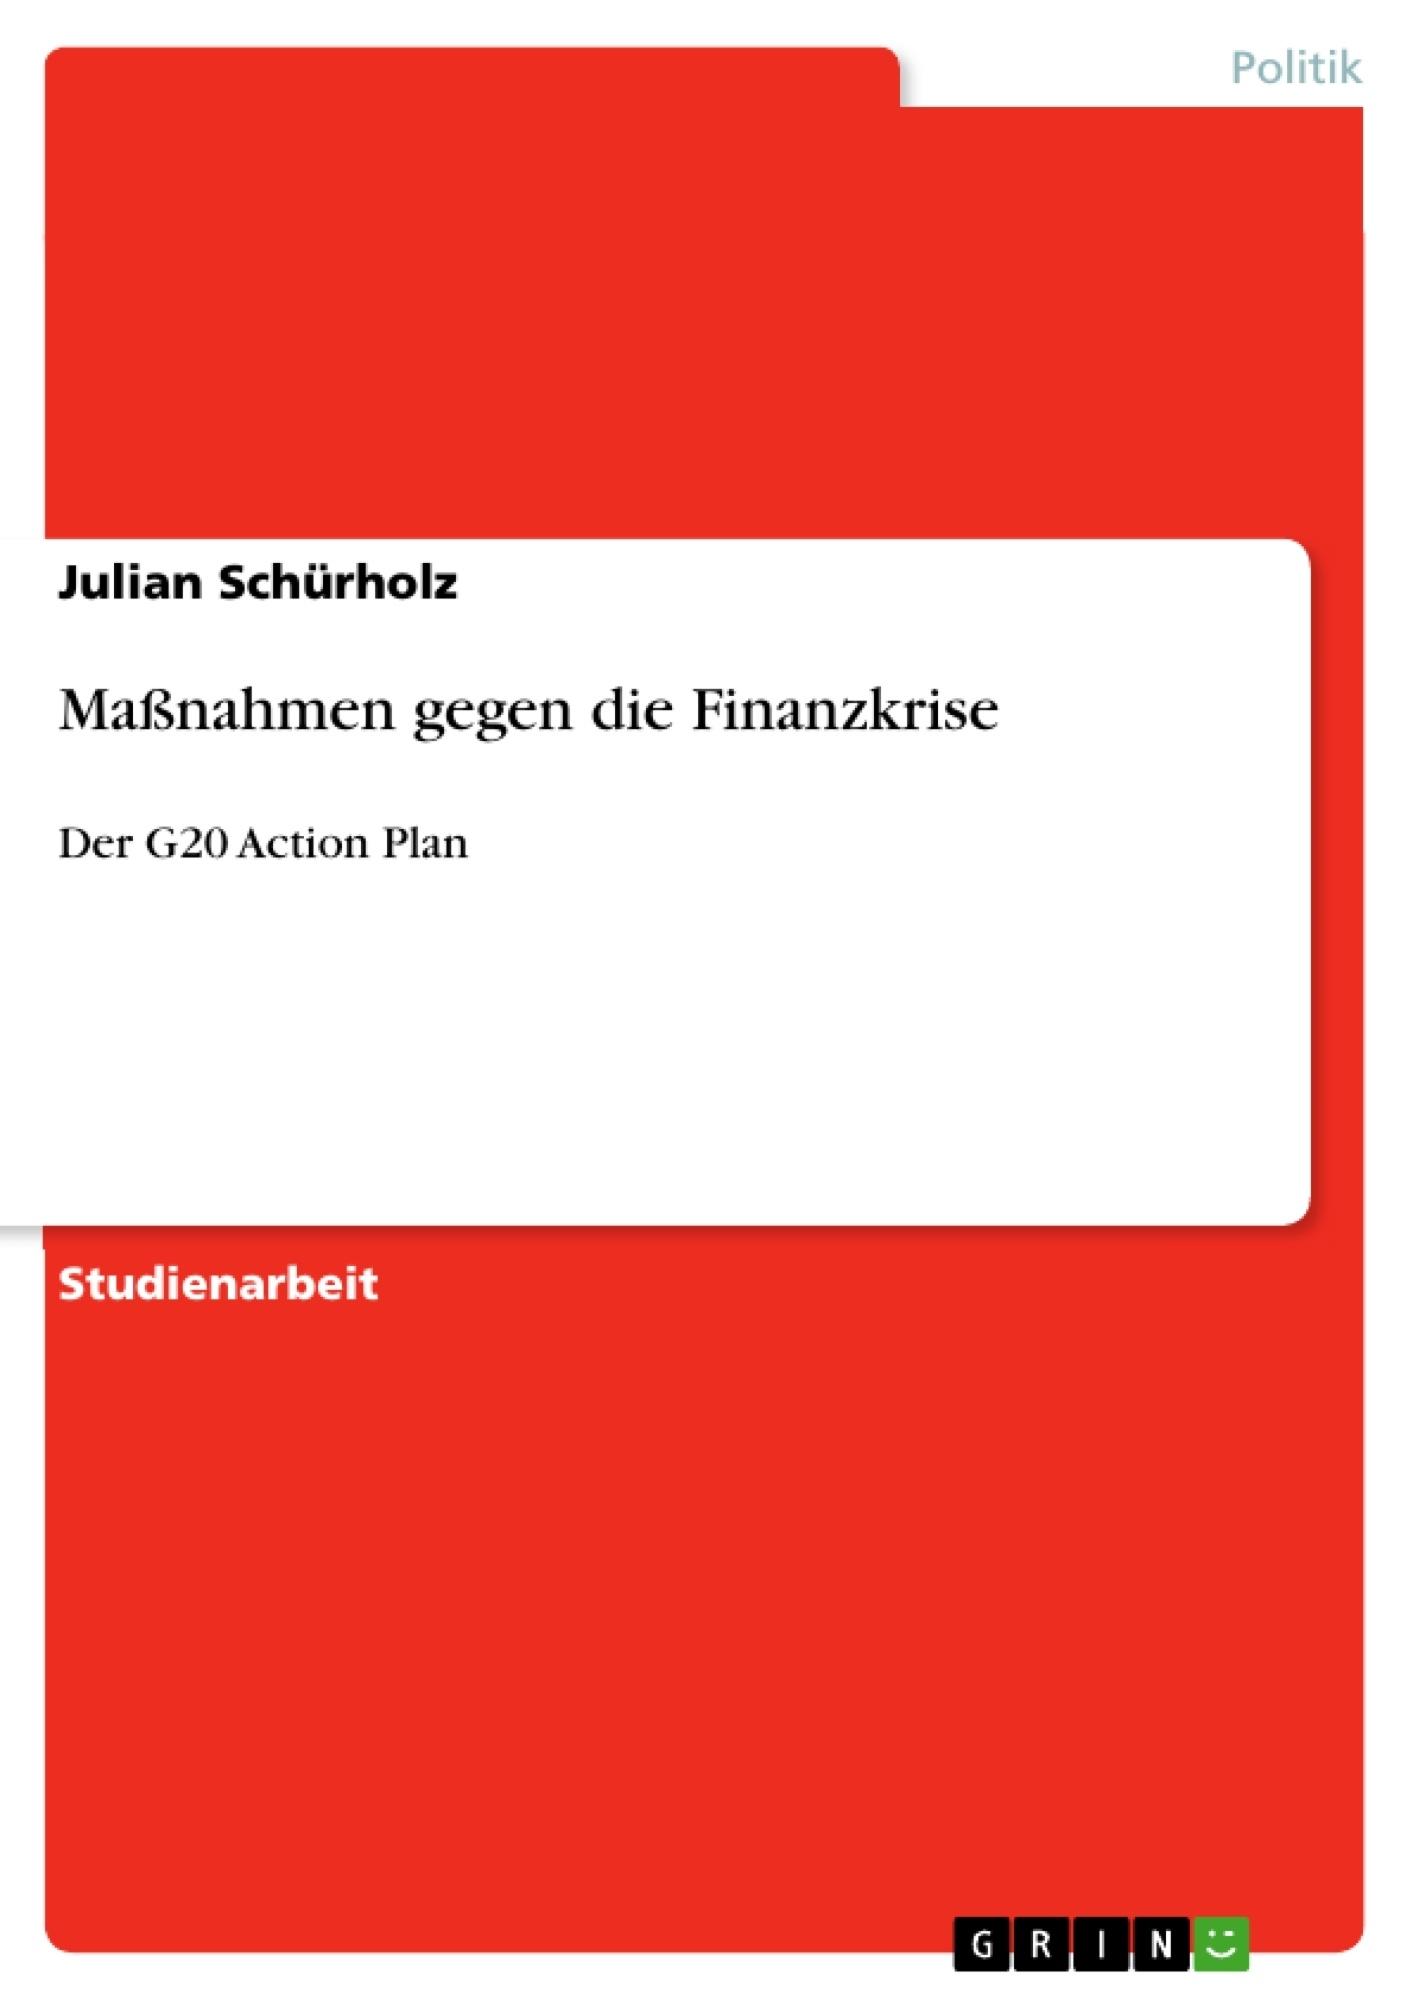 Titel: Maßnahmen gegen die Finanzkrise